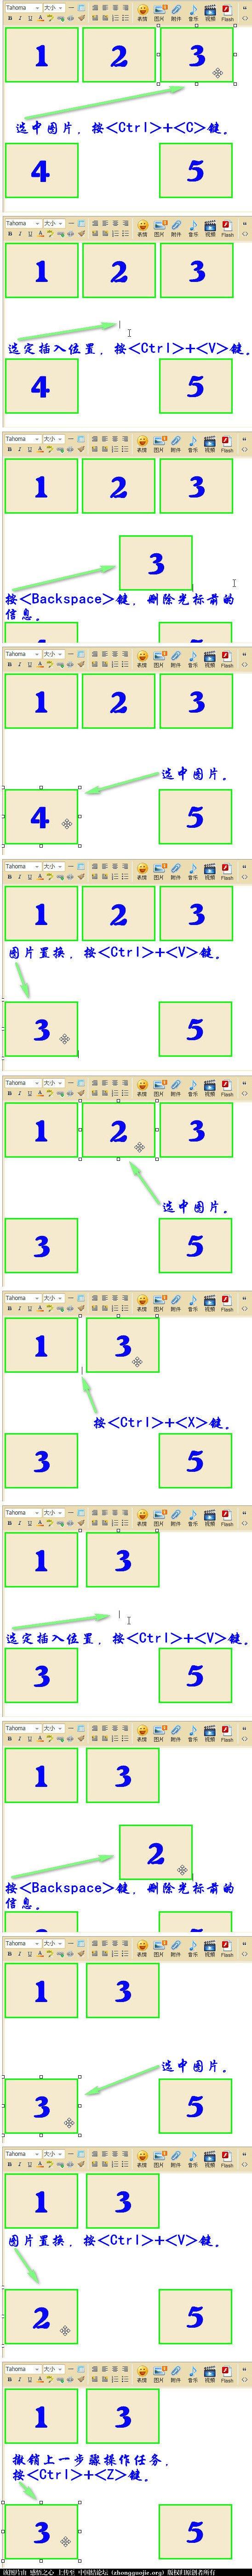 中国结论坛 【操作说明】主题帖子图片编辑操作 图片,主题 论坛使用帮助 033516e0v0cssyh16h31c0